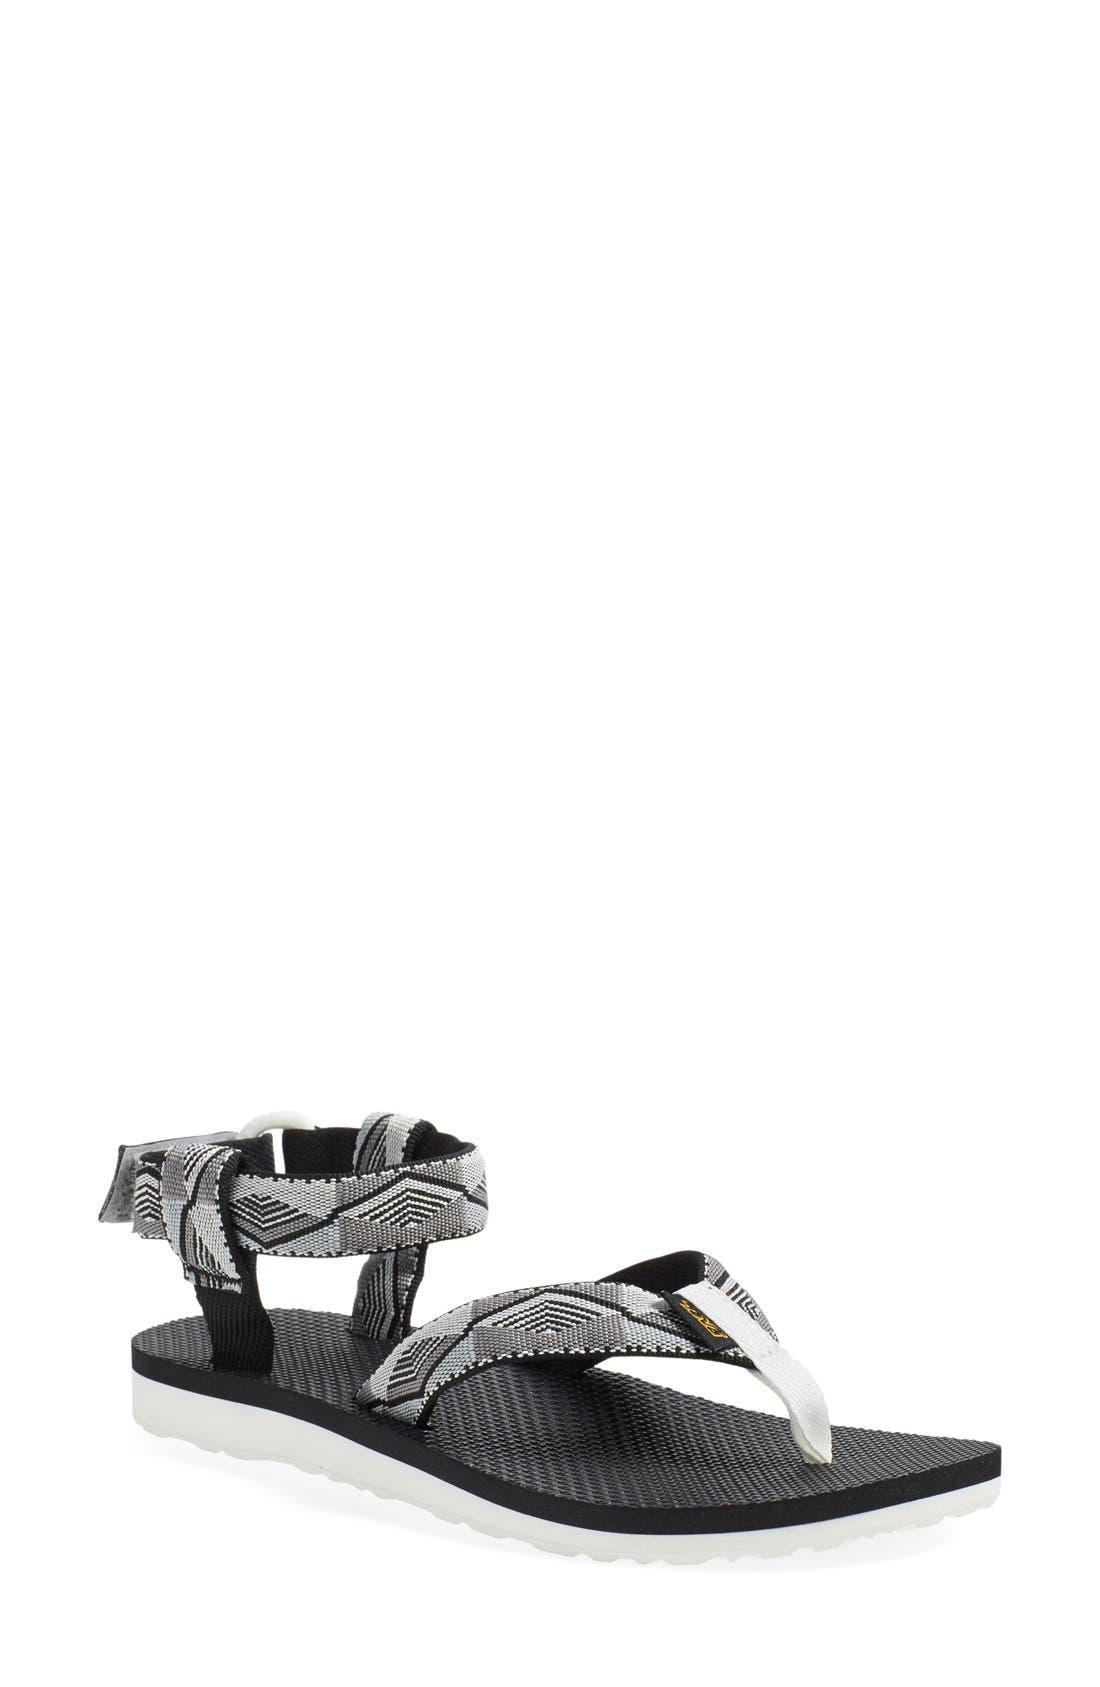 Teva Original Sport Sandal